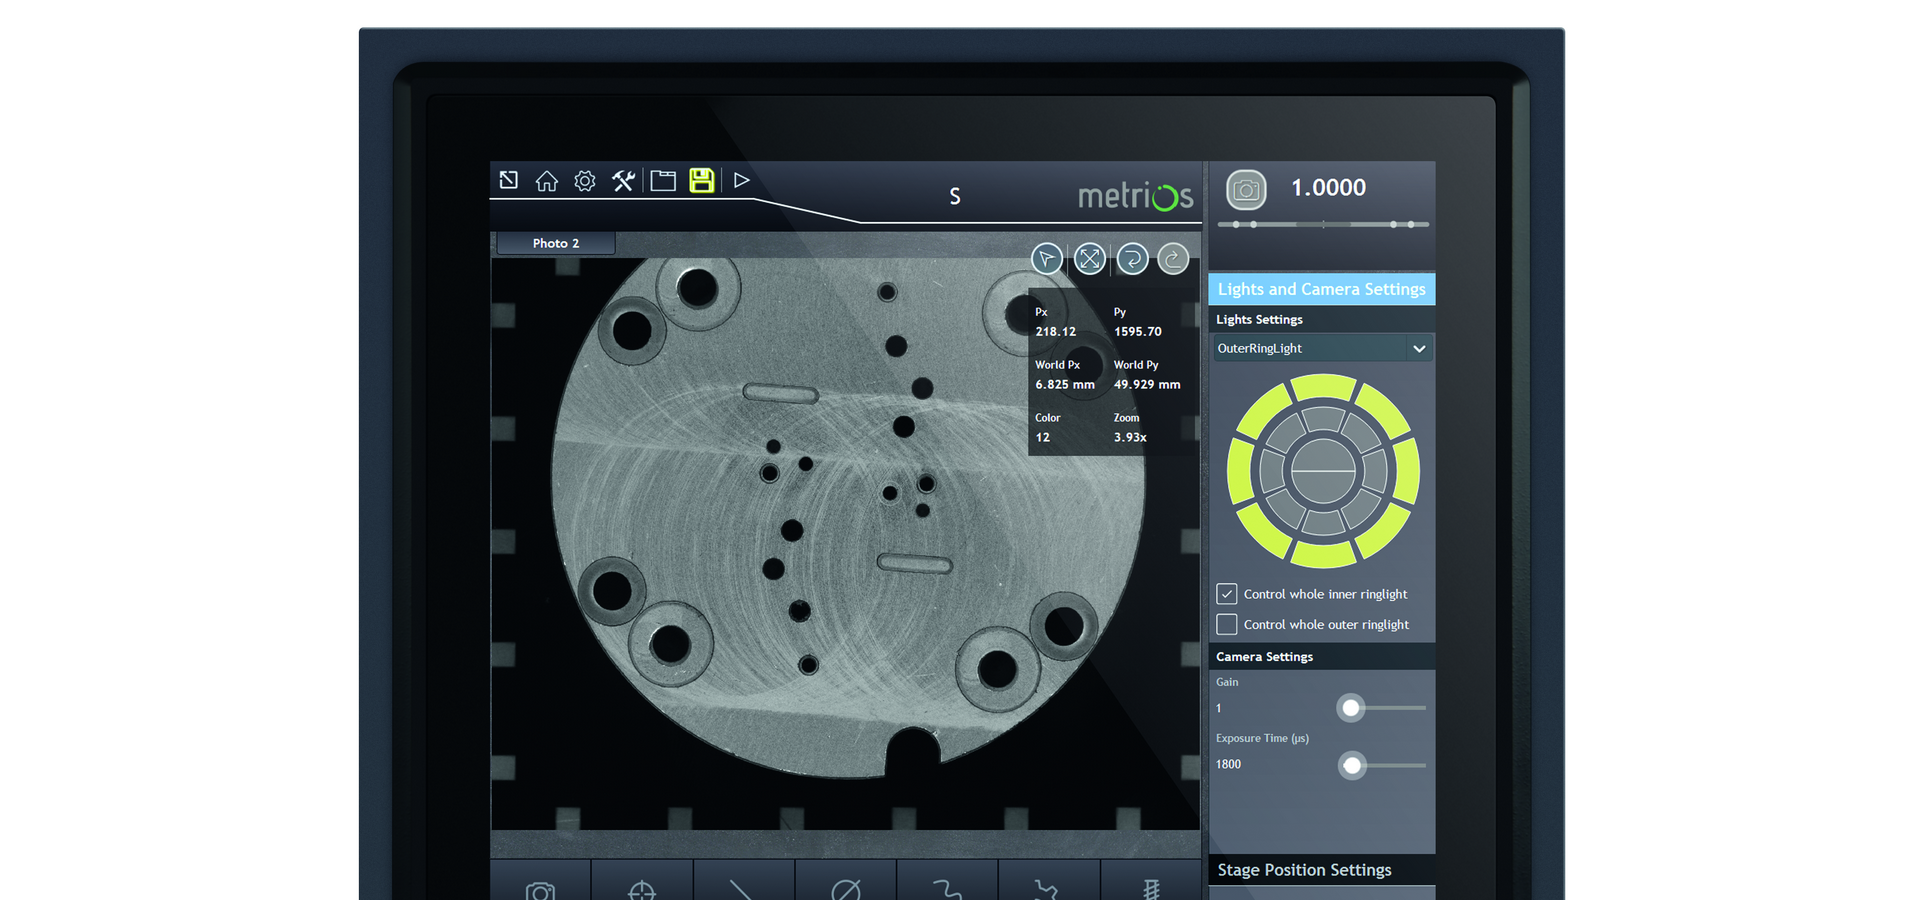 metrios it macchine-di-misura-quanto-conta-l-innovazione-in-produzione 003